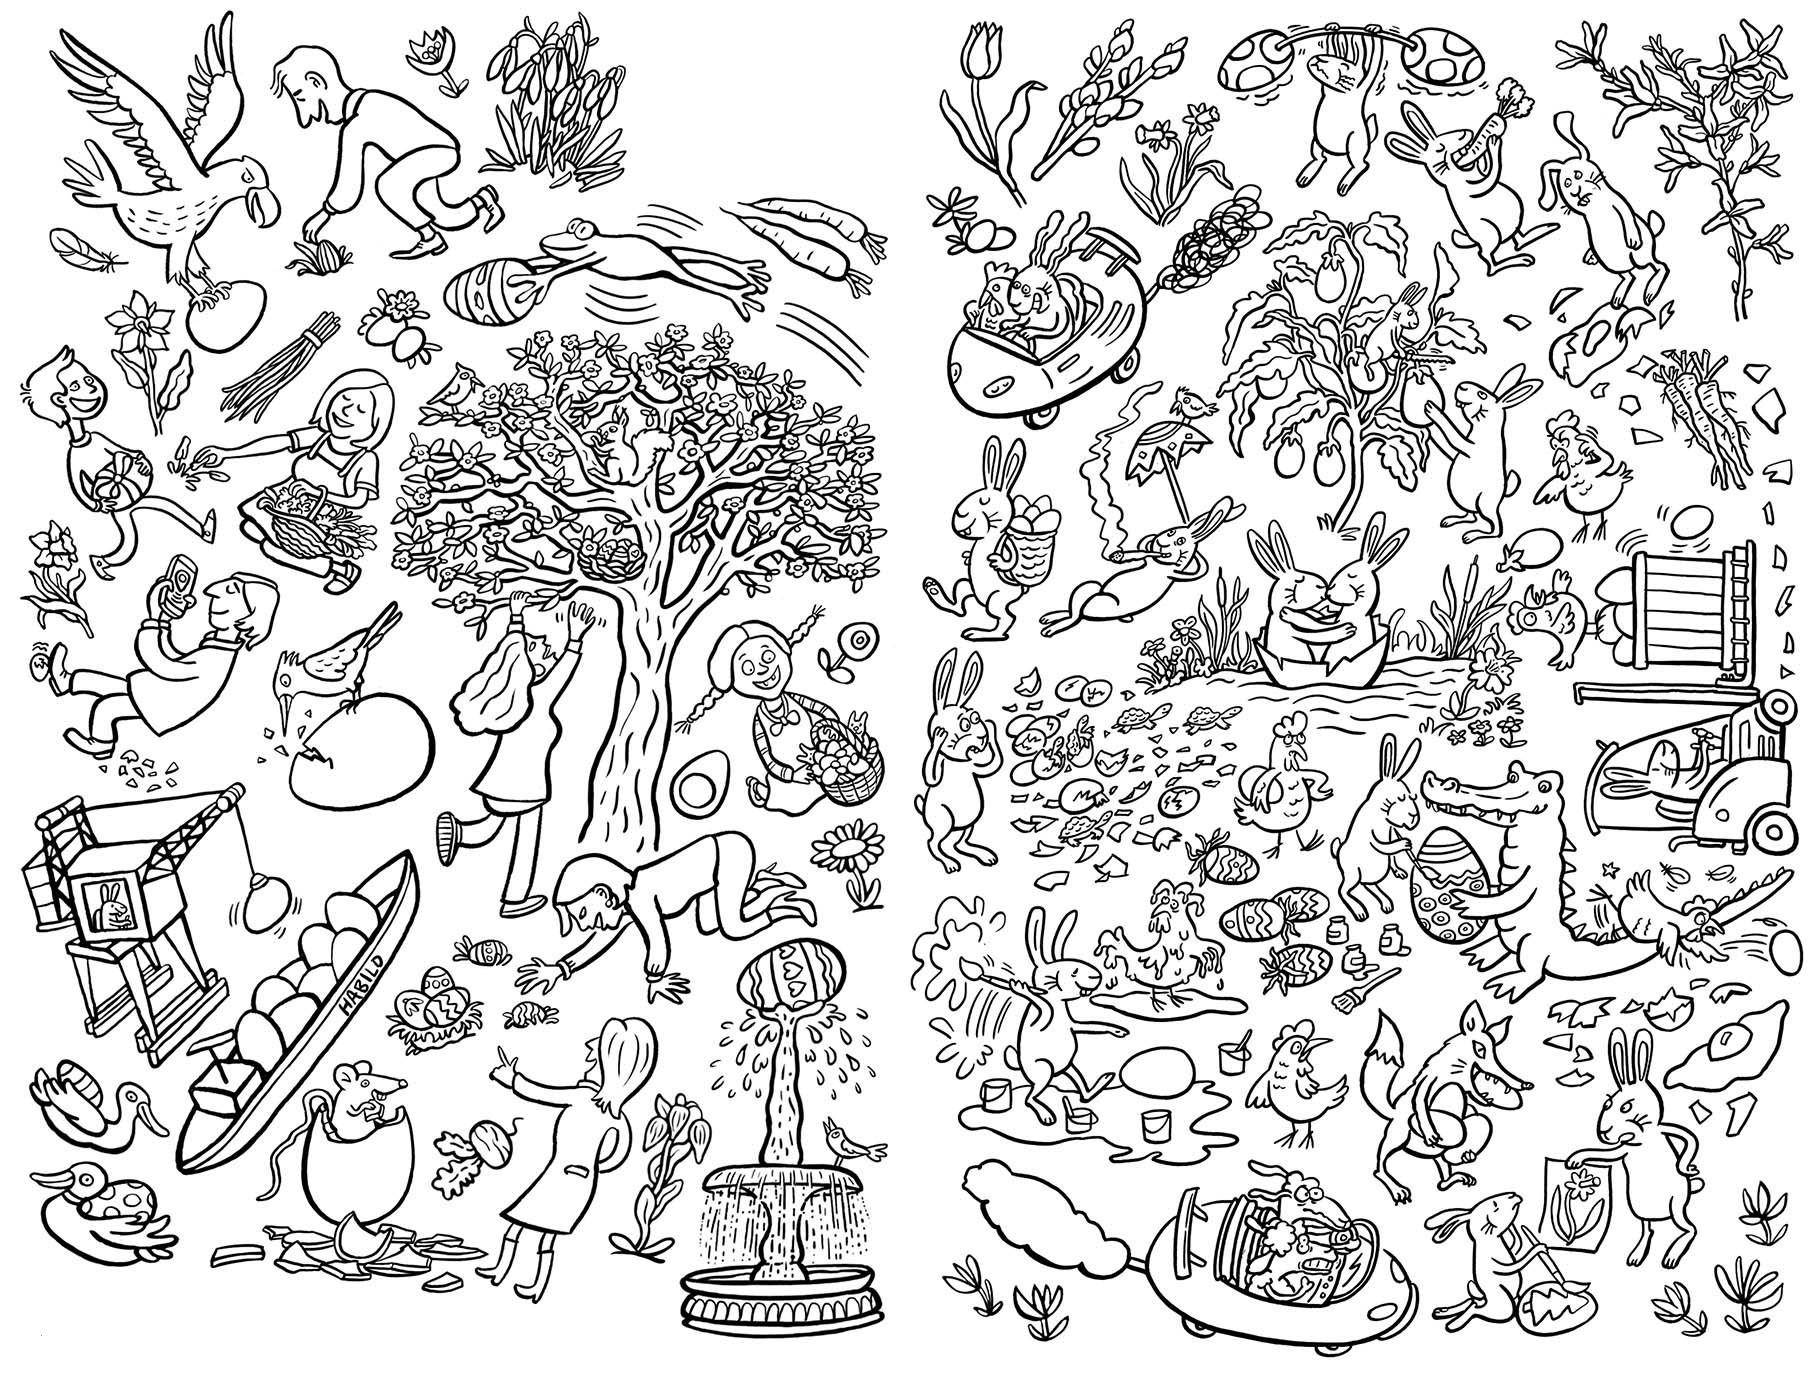 Frohe Ostern Bilder Zum Ausmalen Inspirierend Ausmalbilder Ostern Kostenlos Ausdrucken Elegant Frohe Ostern Das Bild